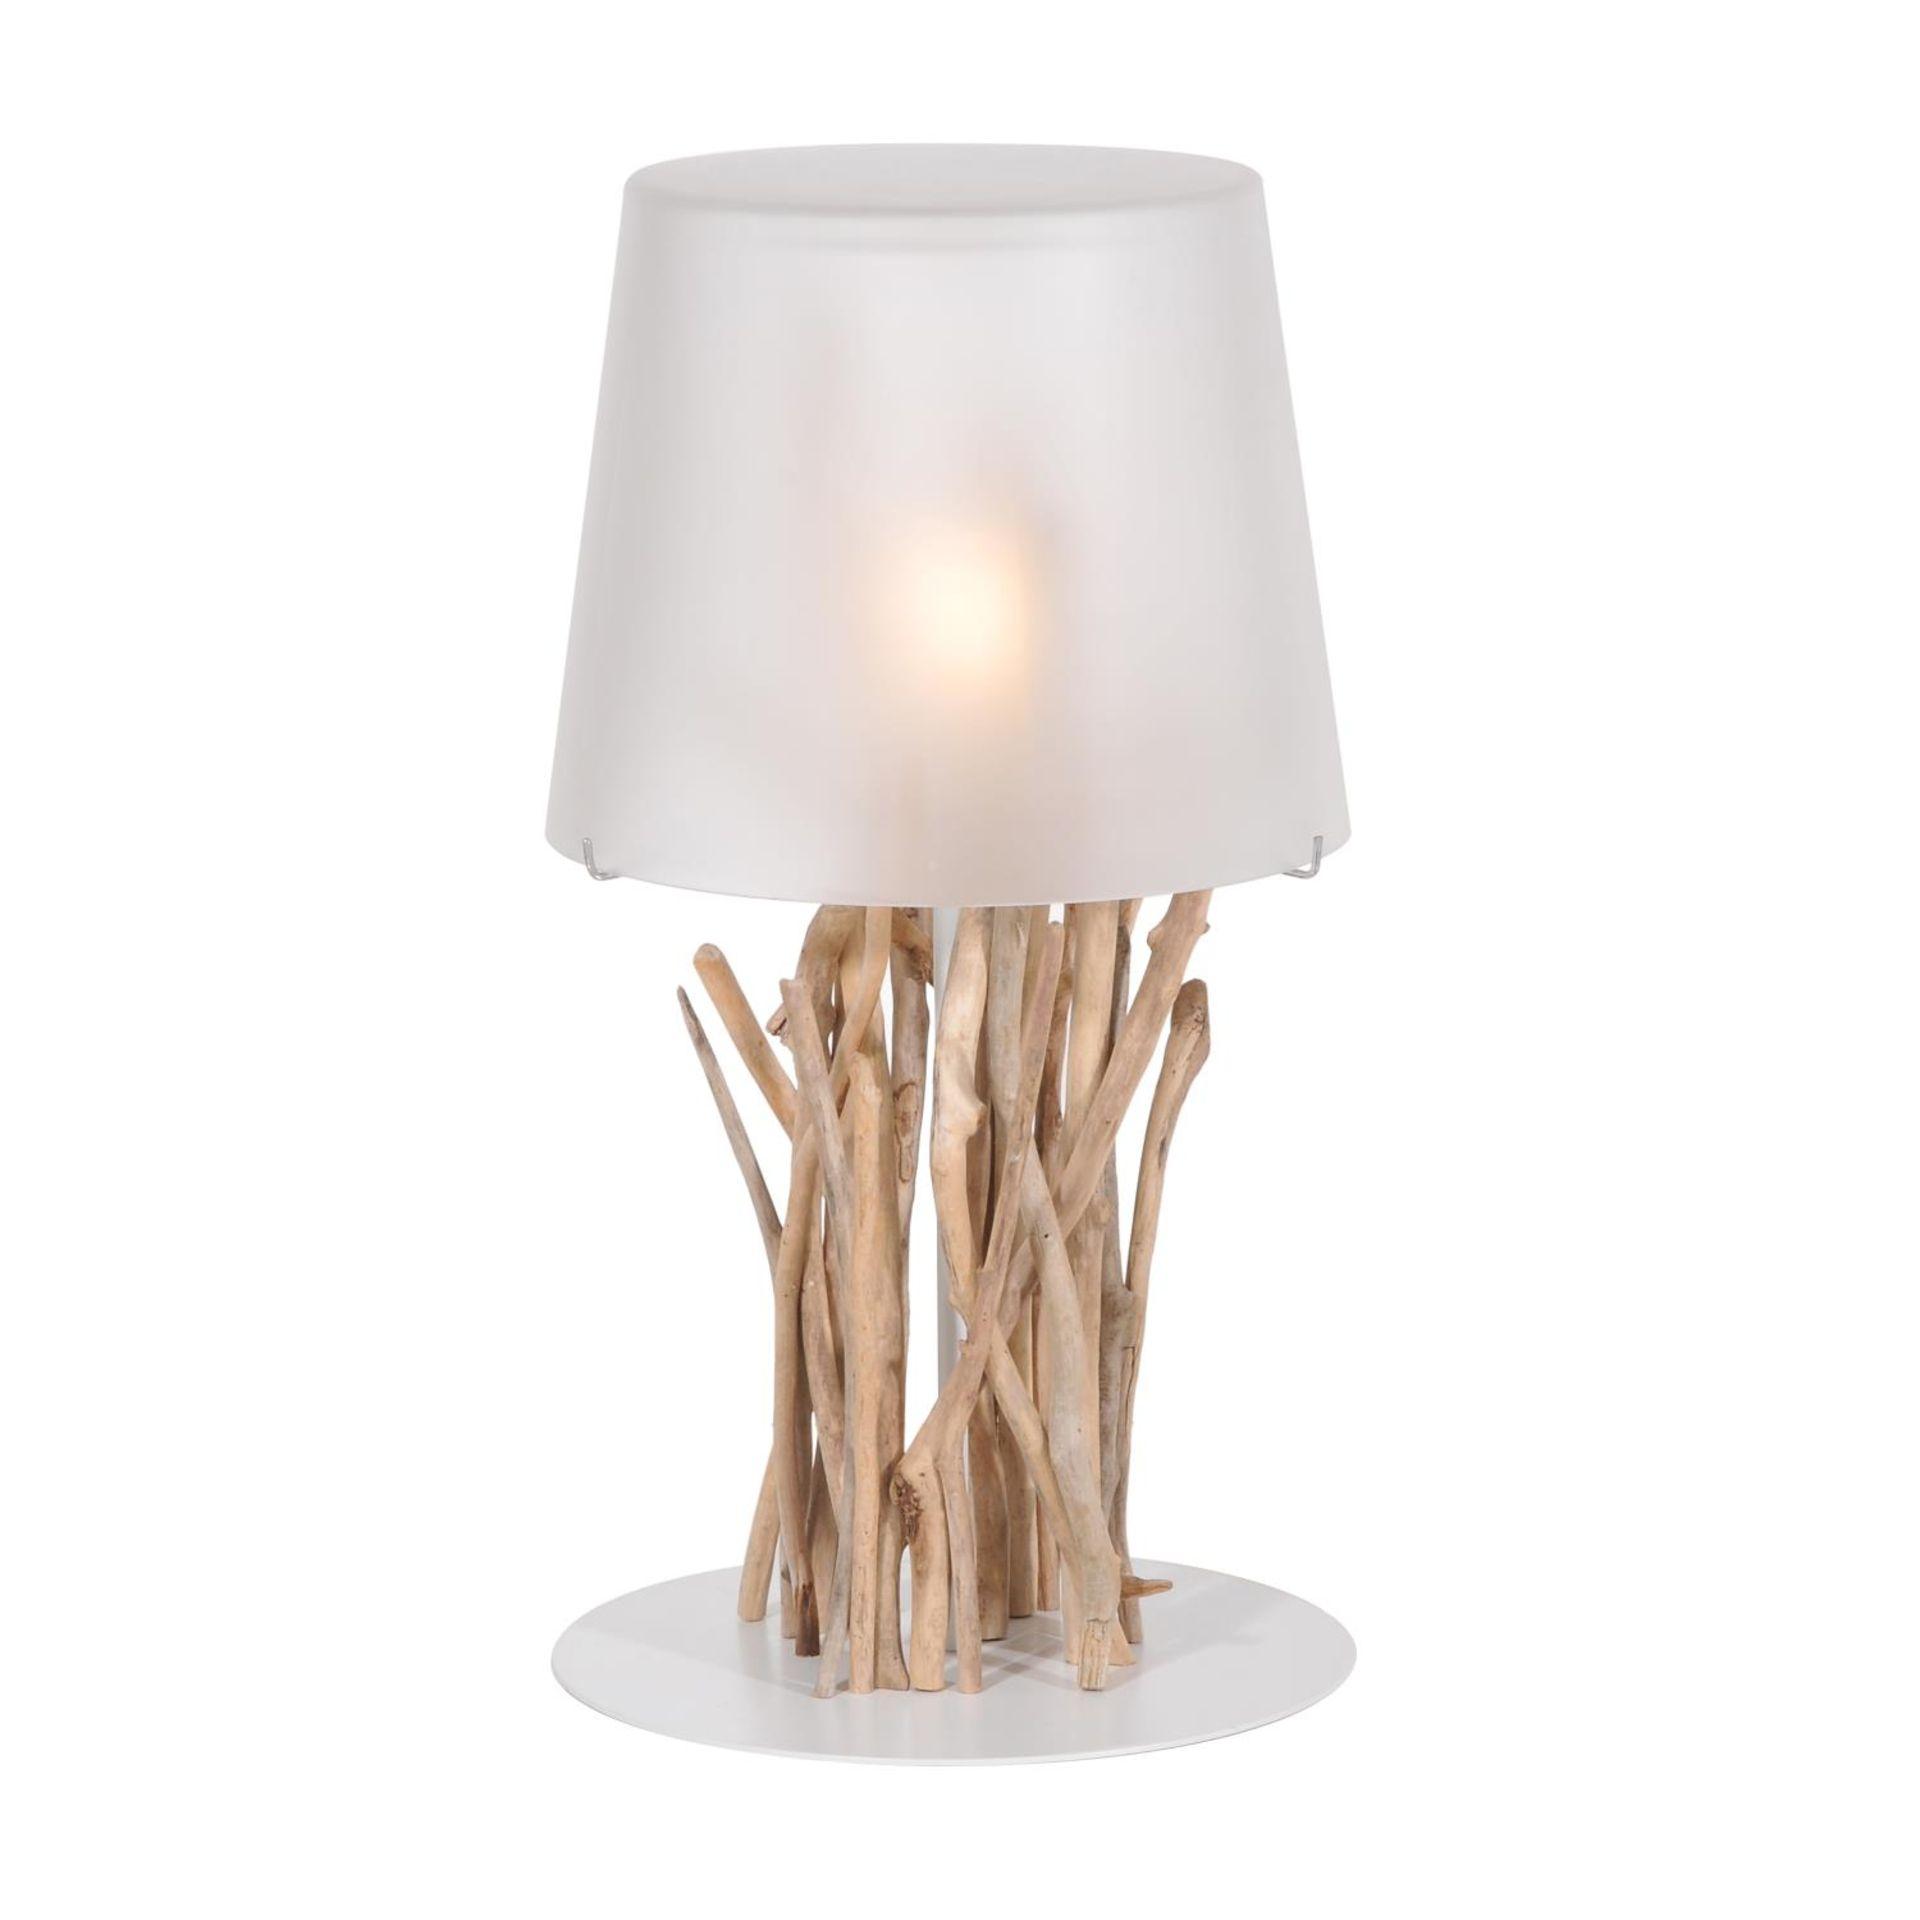 A KIINAU TABLE LAMP DW & CHROME 38cm x 38cm x 49cm (rrp £500) EU wired